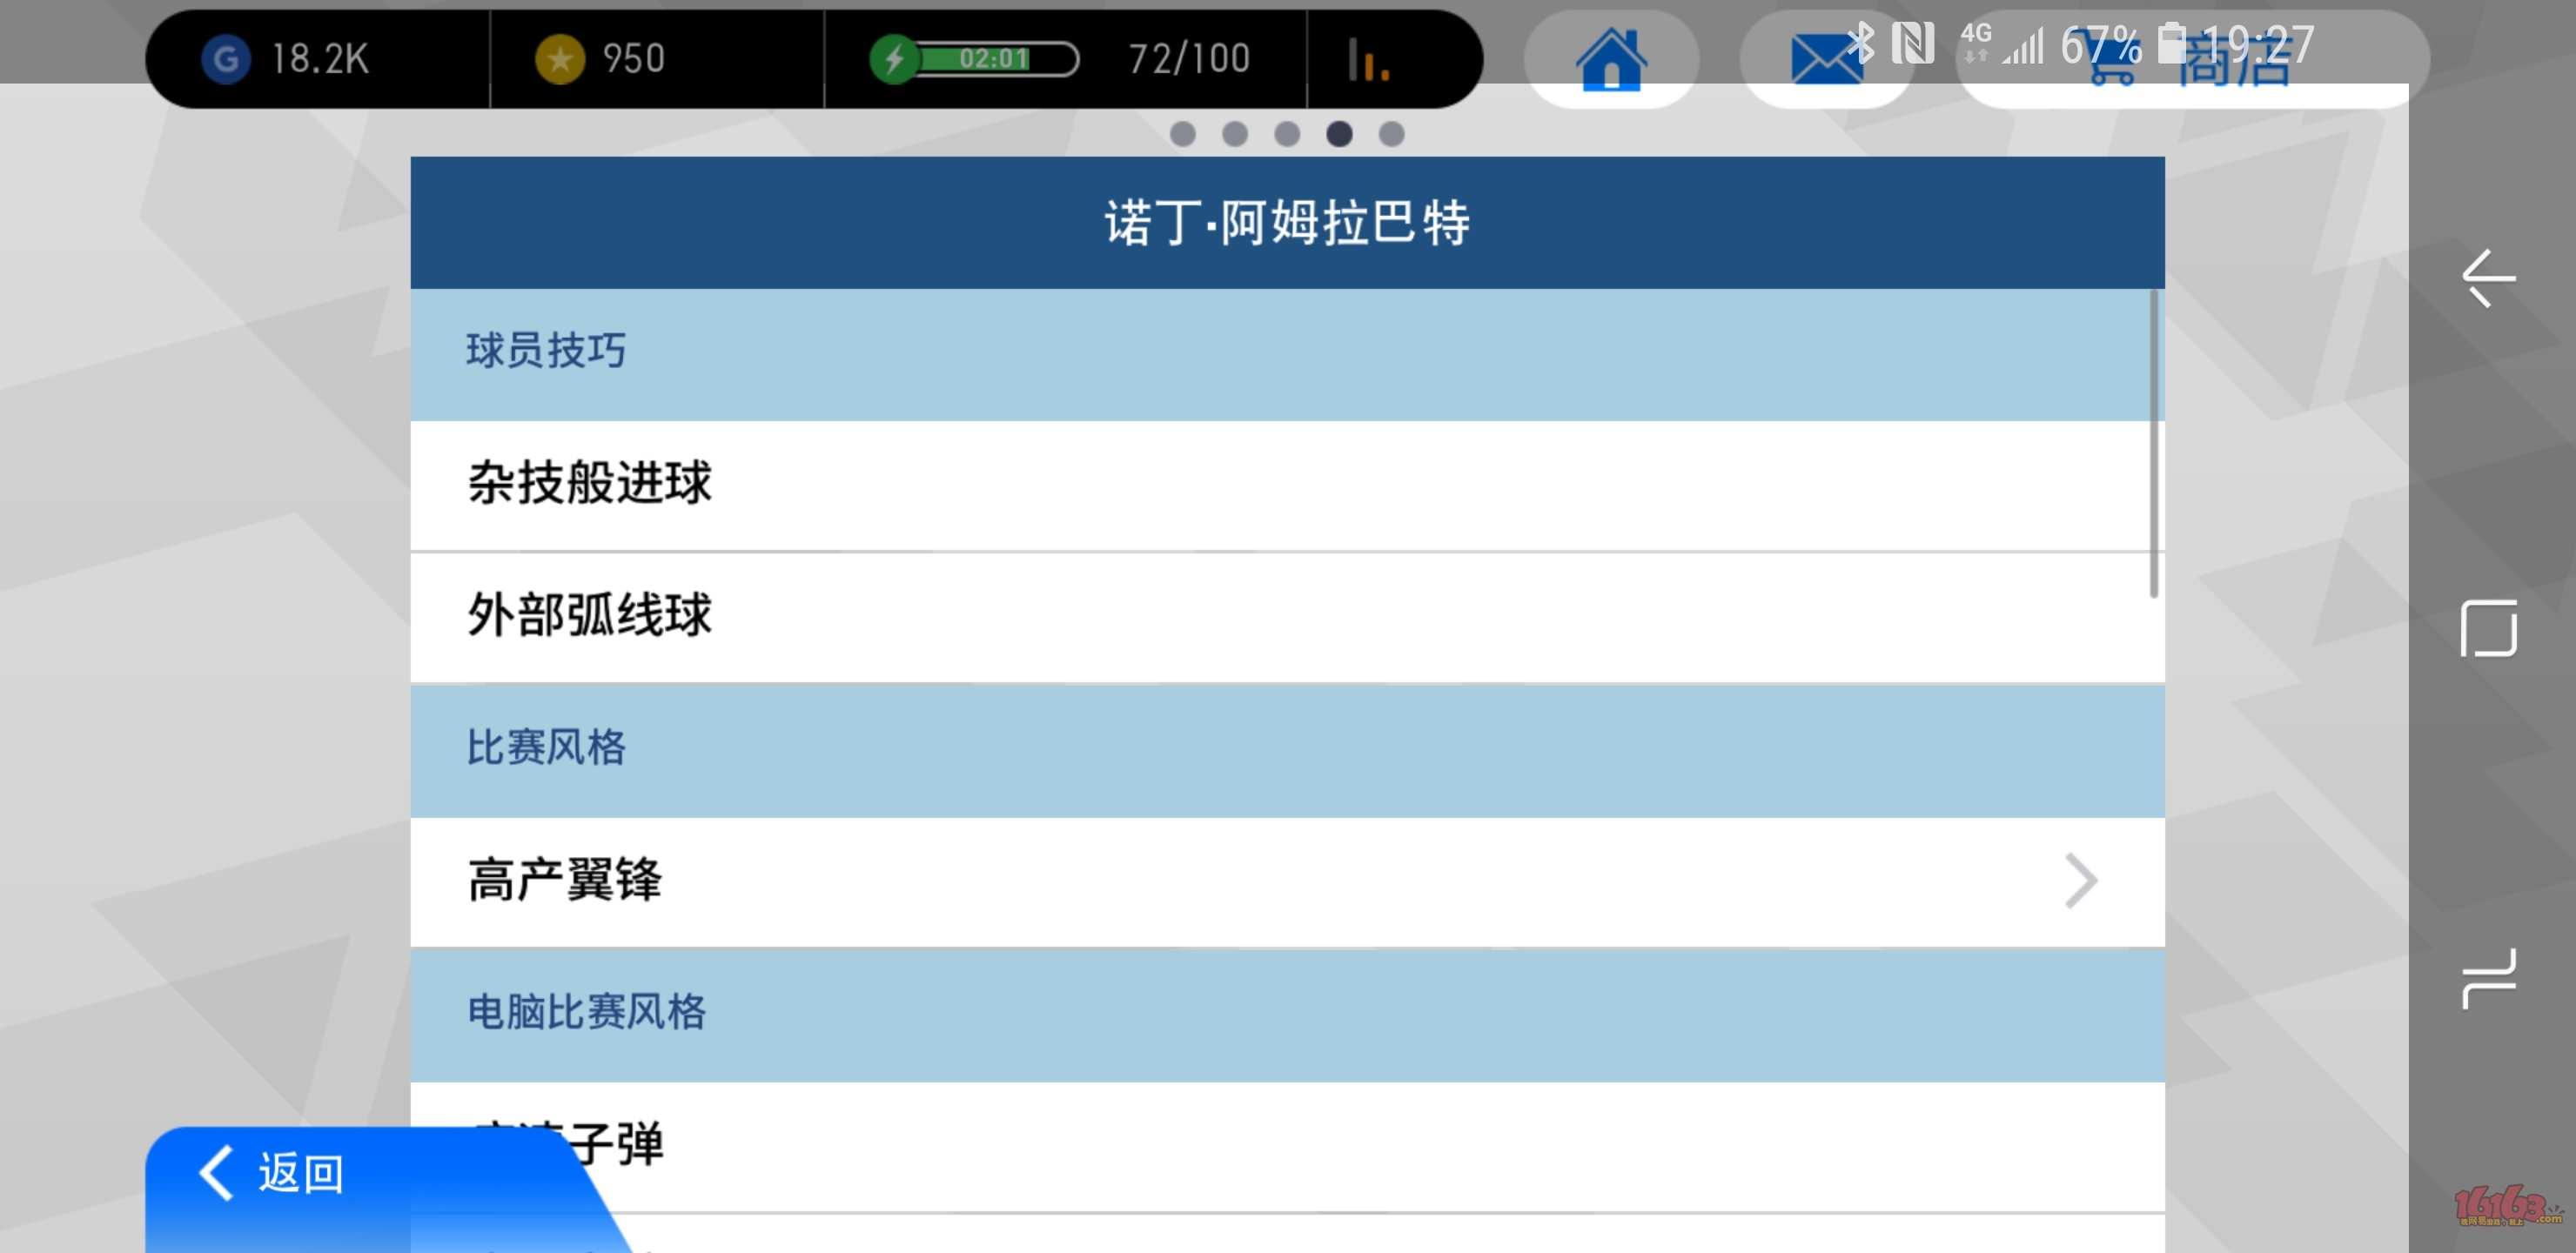 Screenshot_20180804-192707_瀹炲喌瓒崇悆.jpg